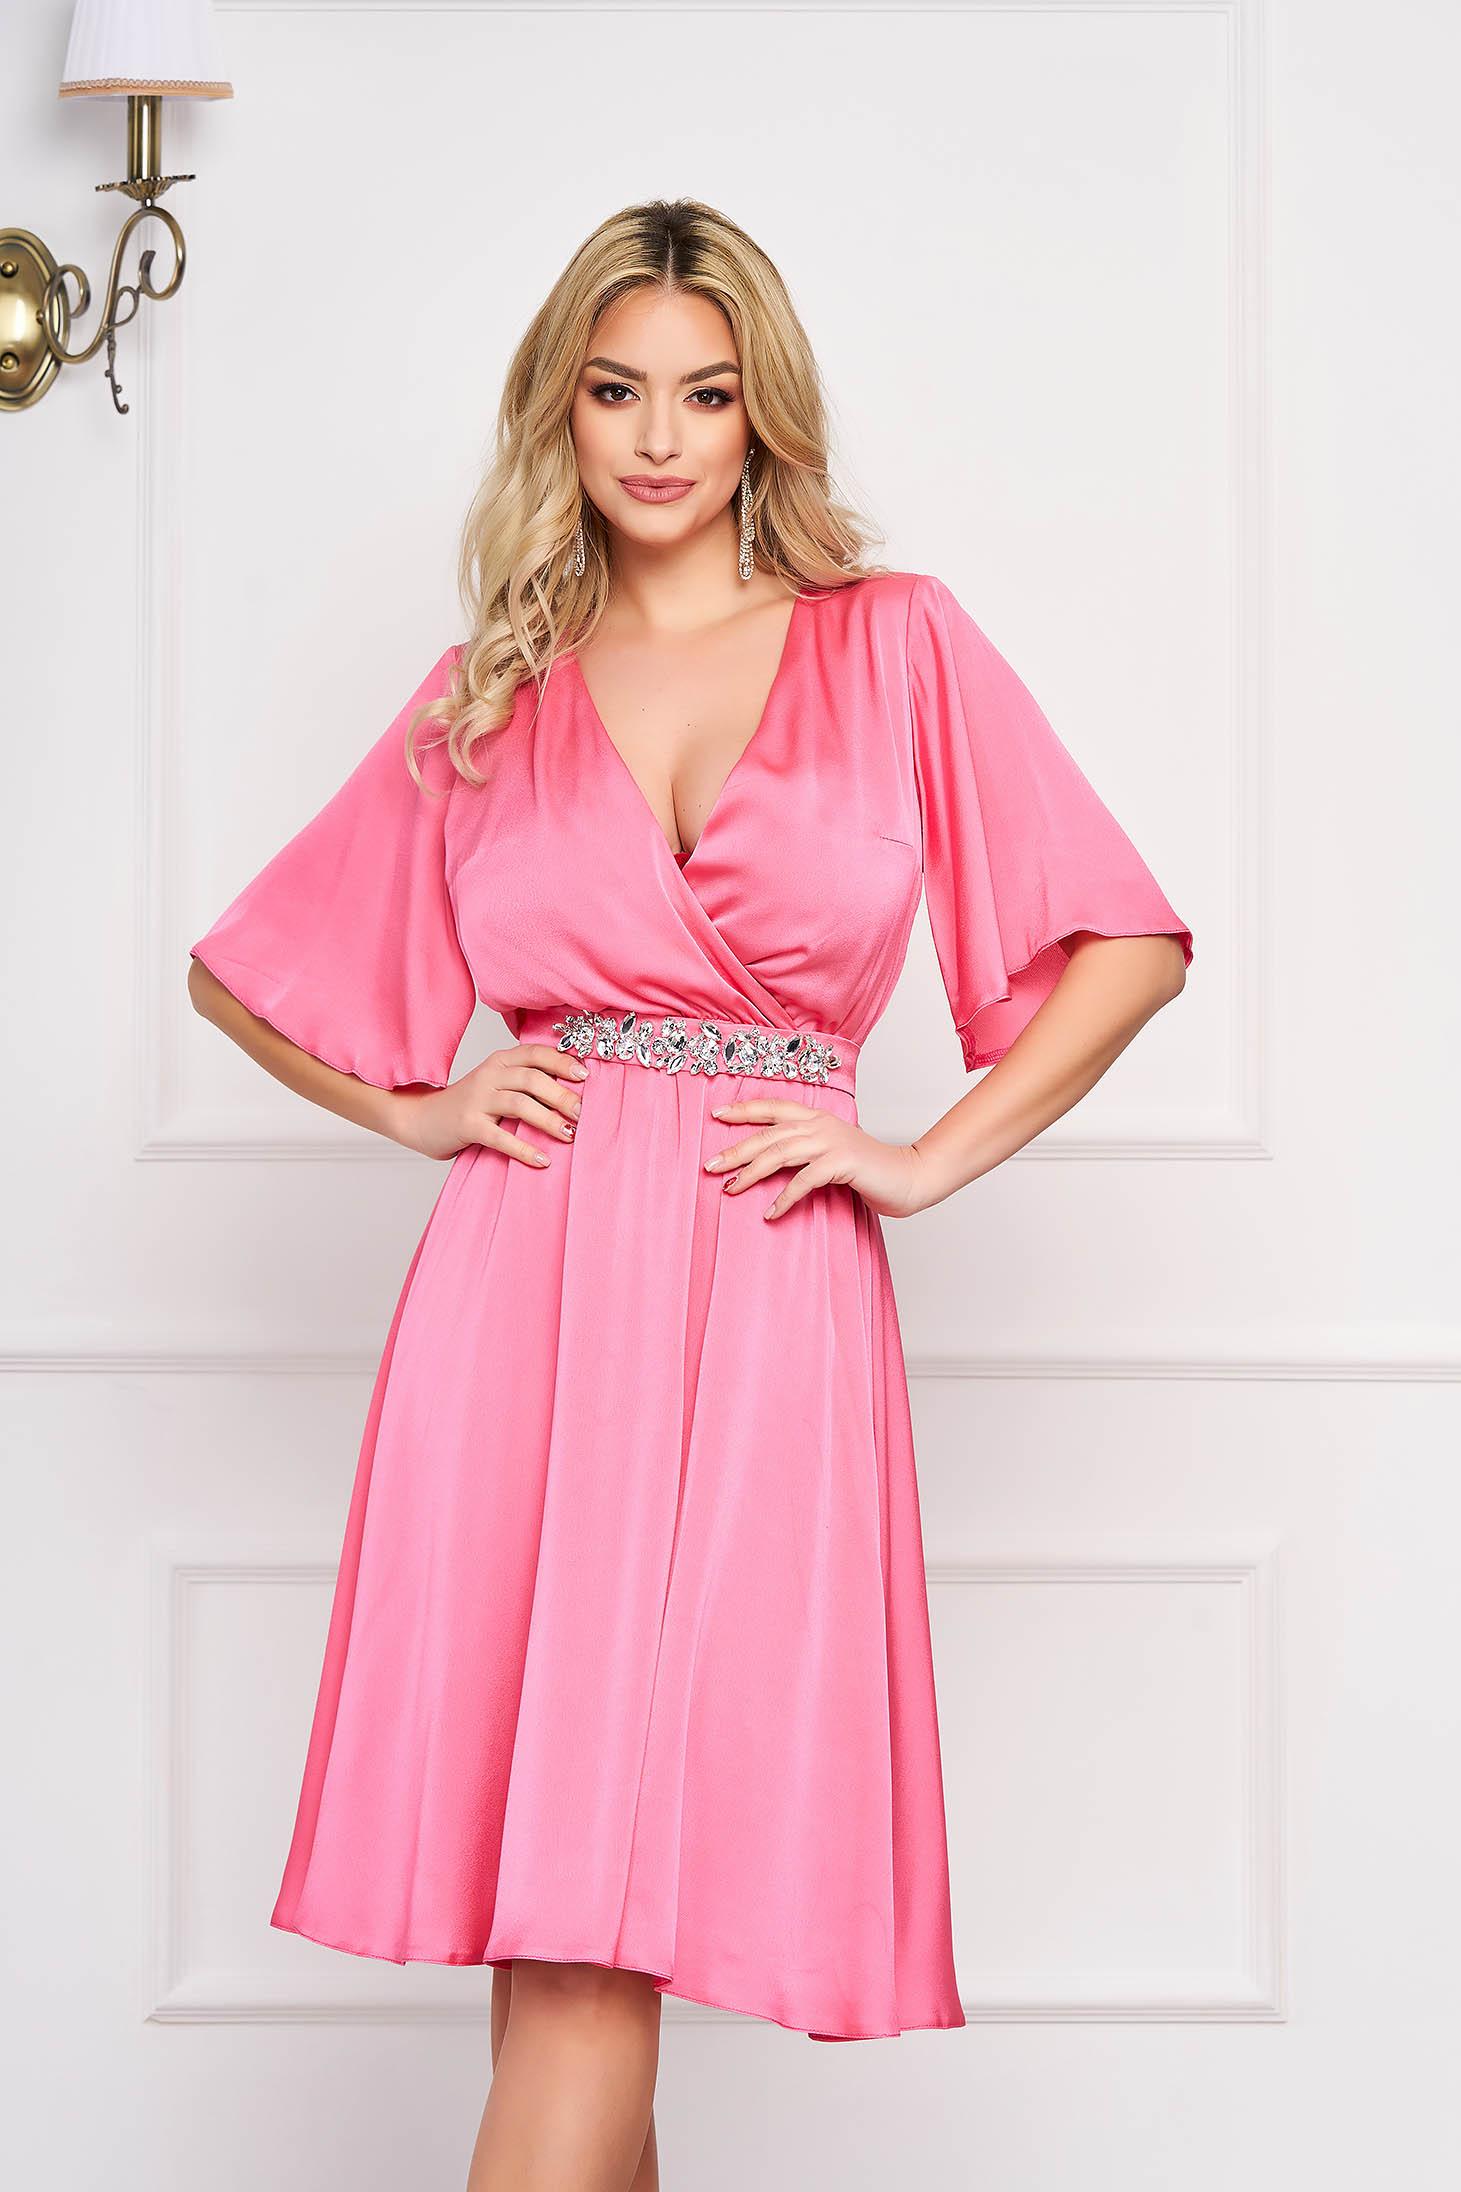 Rochie StarShinerS roz deschis de ocazie din material satinat captusita pe interior accesorizata cu cordon accesorizata cu pietre stras